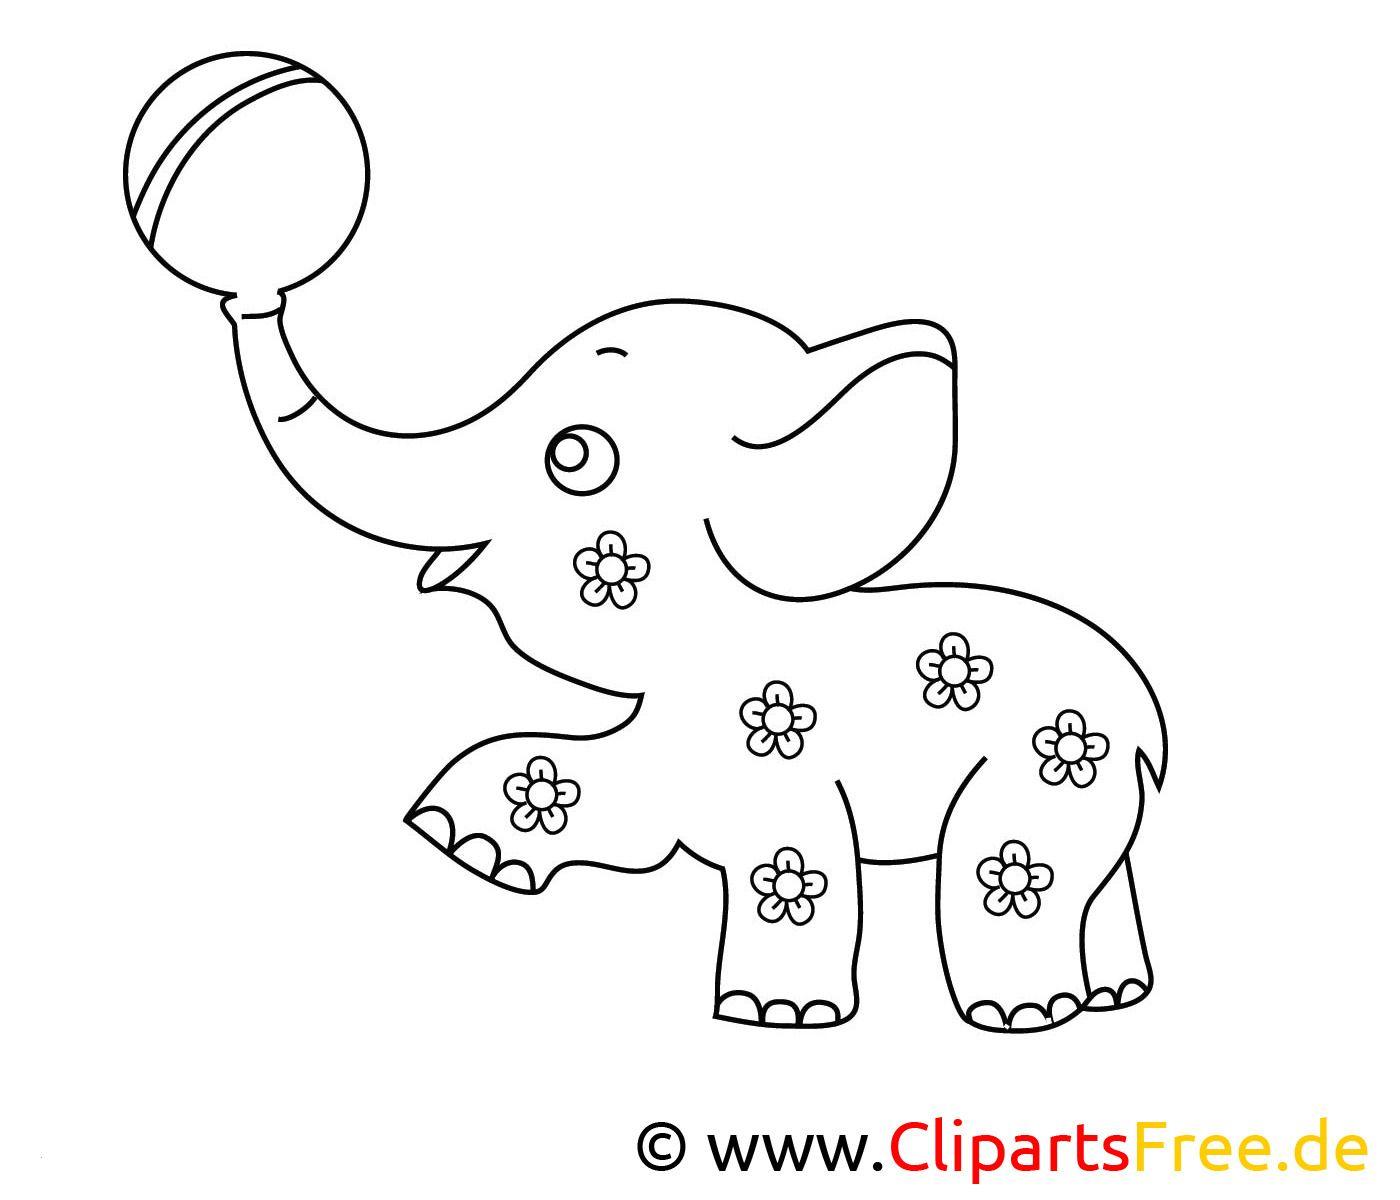 Malvorlagen Elefant Inspirierend Zoo Malvorlagen Kostenlos Zum bei